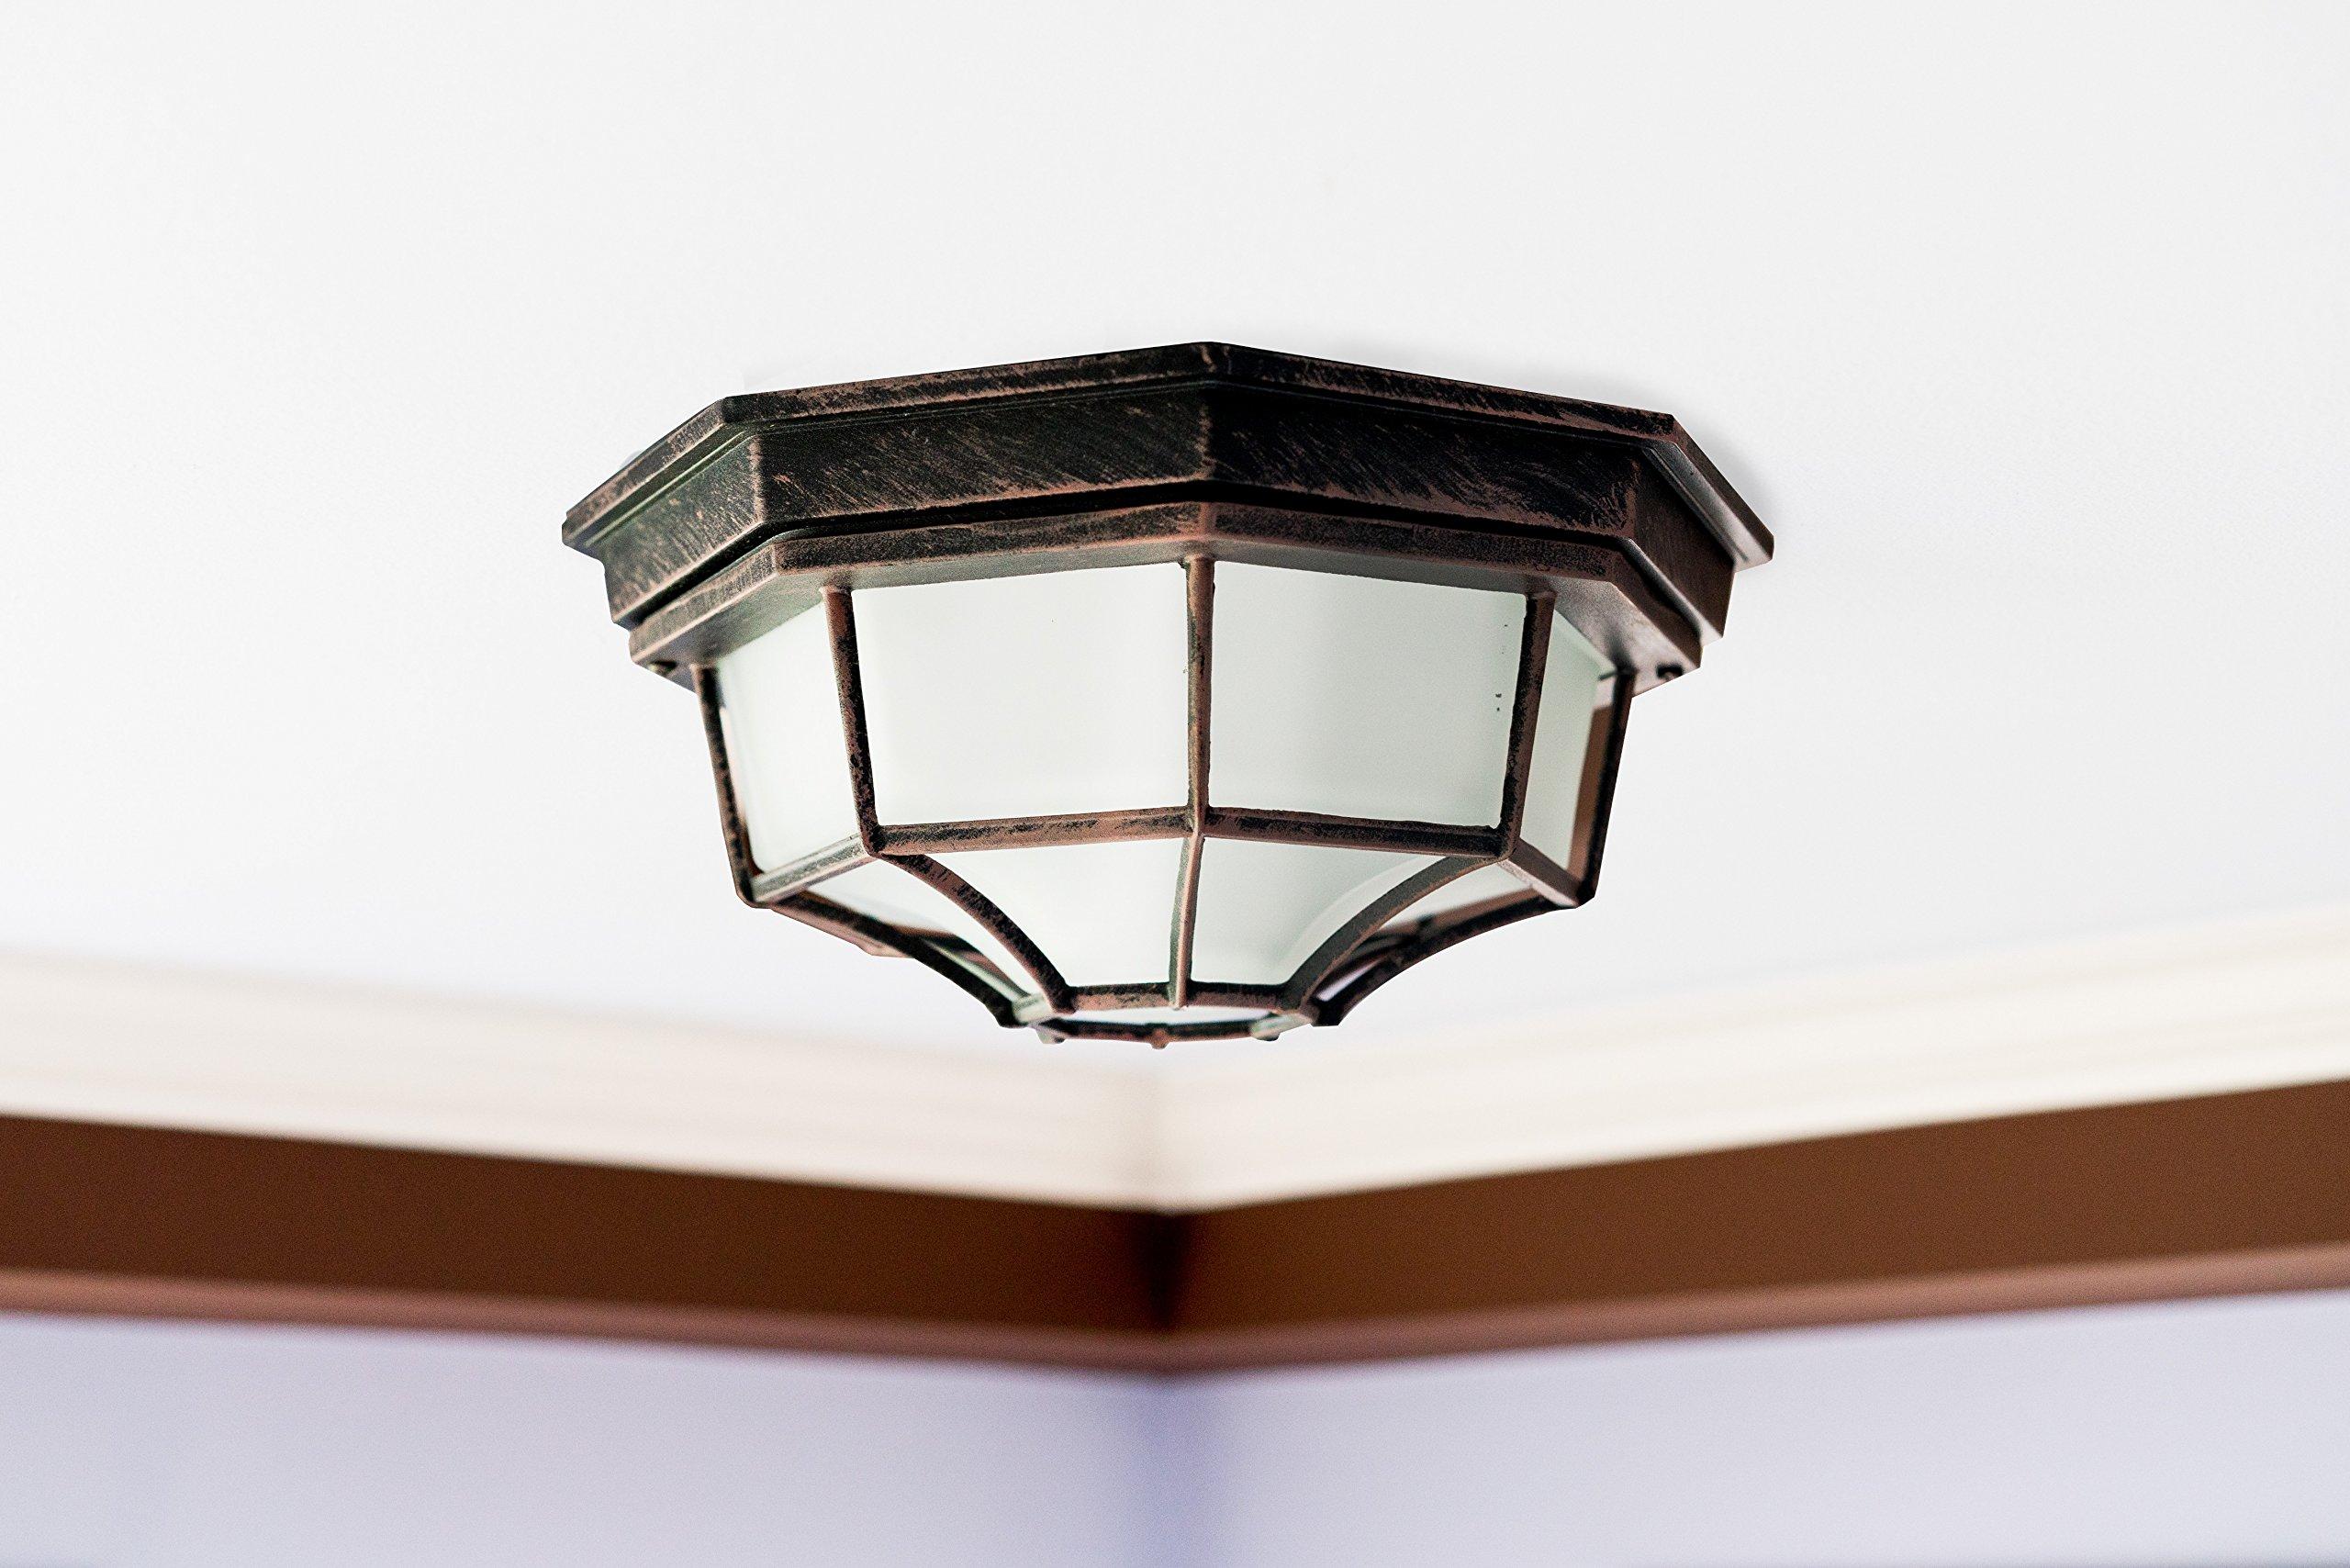 Trans Globe Lighting 40582 RT Outdoor Benkert 5'' Flushmount Lantern, Rust by Trans Globe Lighting (Image #6)